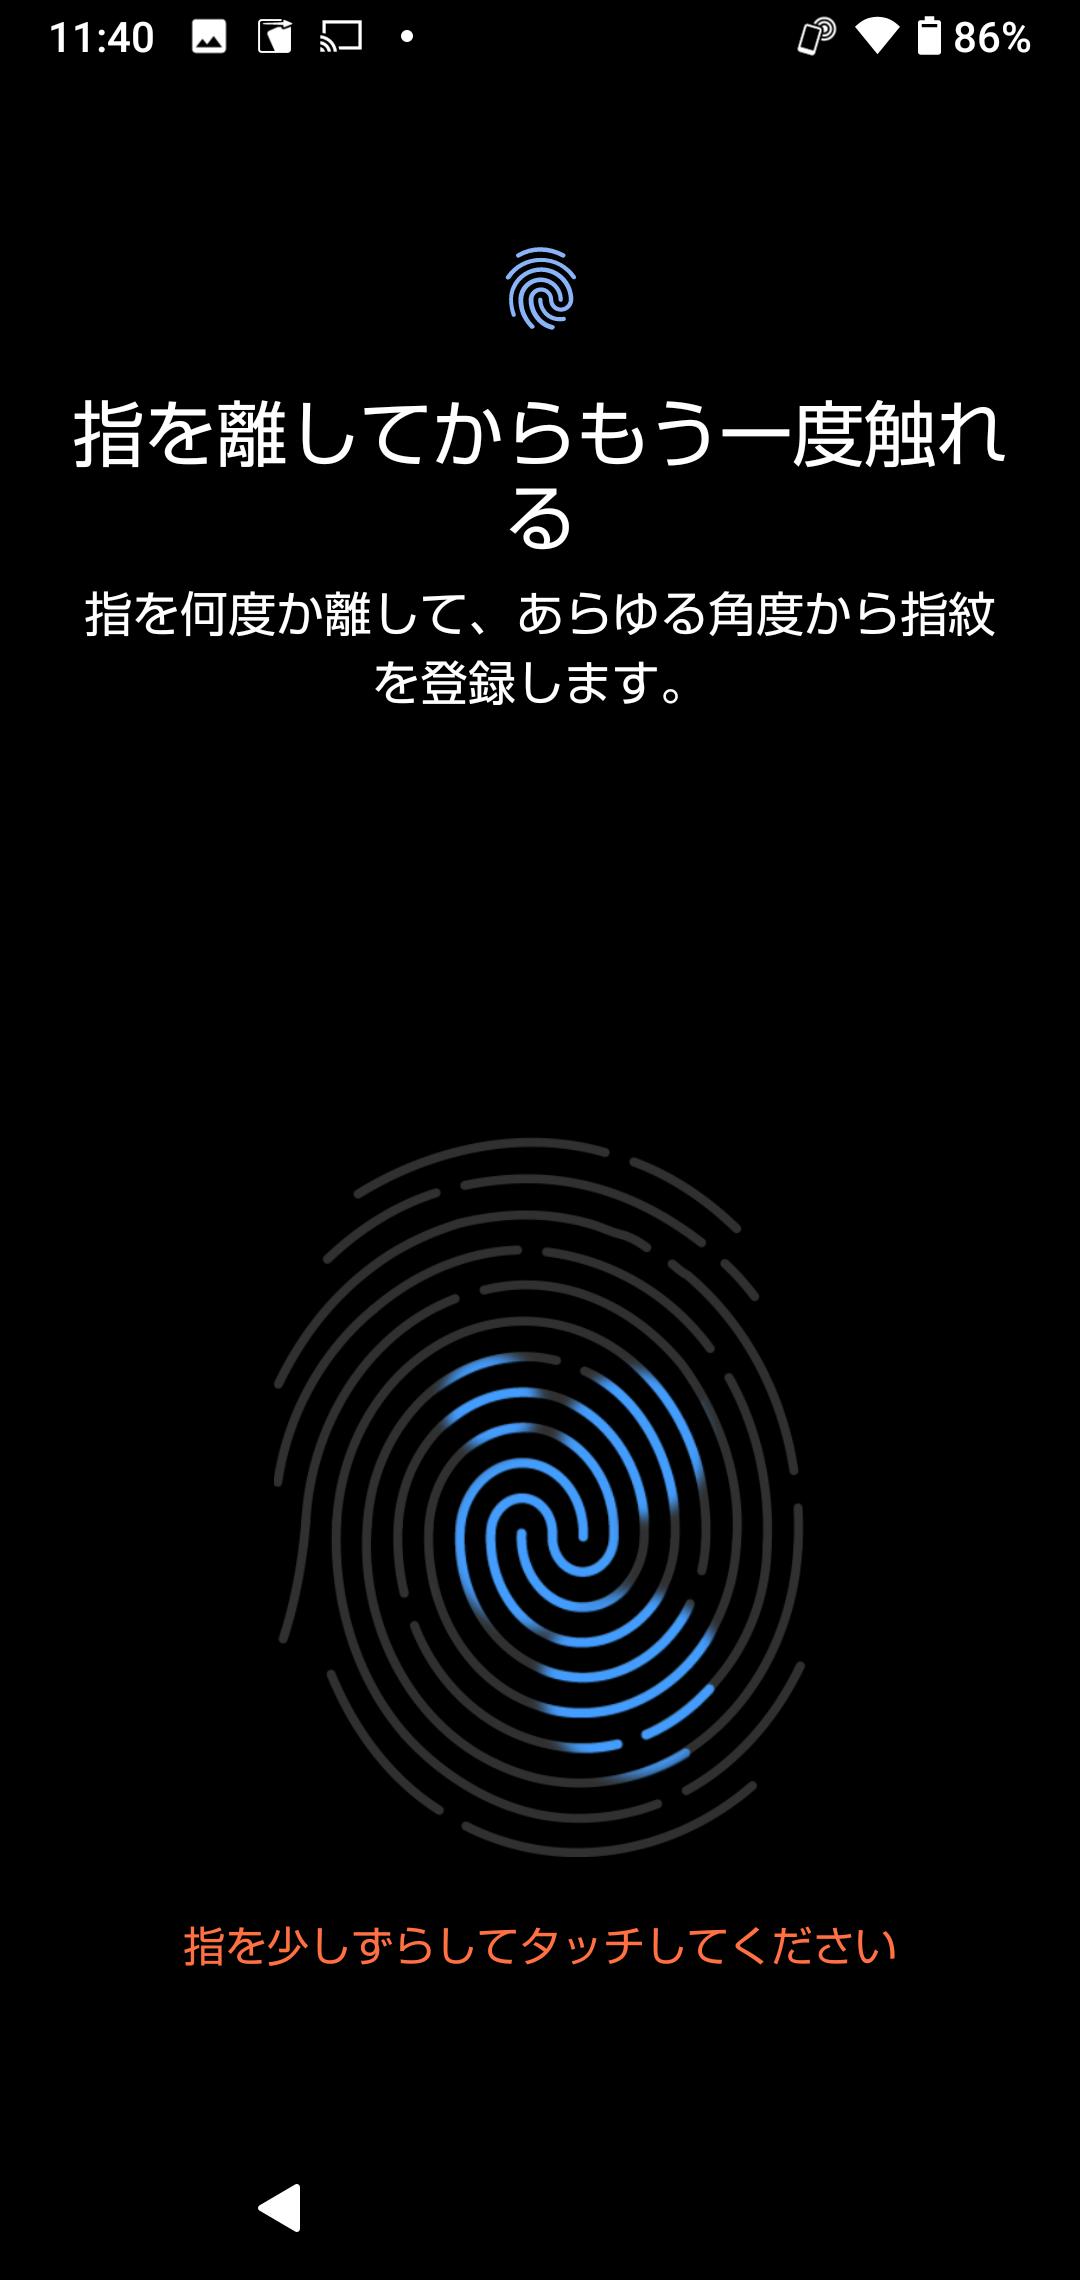 AQUOS sense4 指紋認証